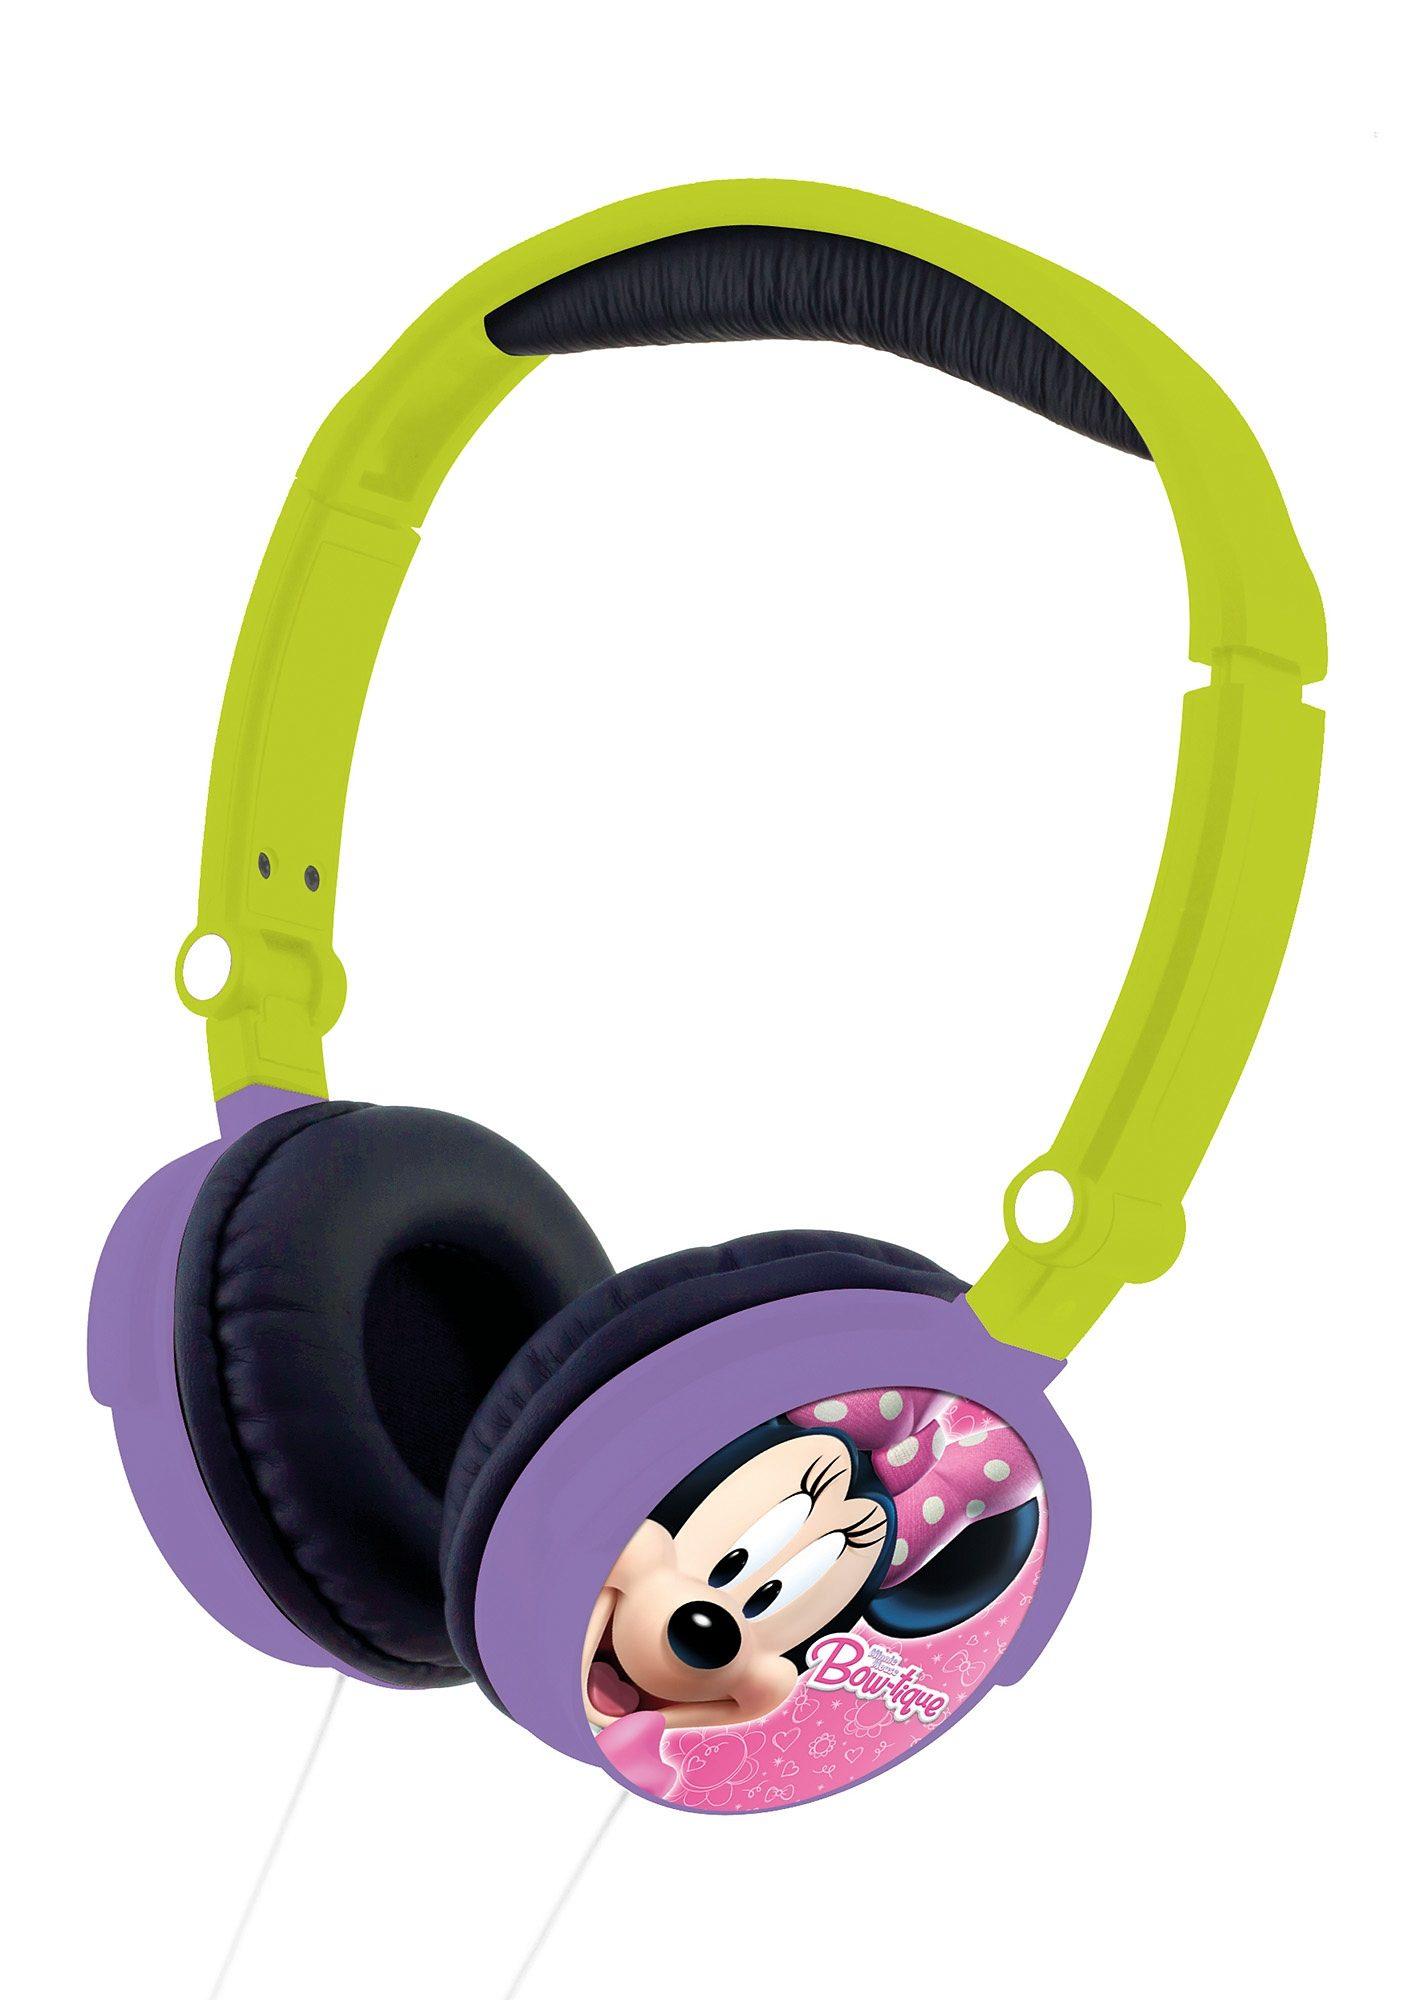 Kopfhörer, »Disney Minnie Mouse«, Lexibook